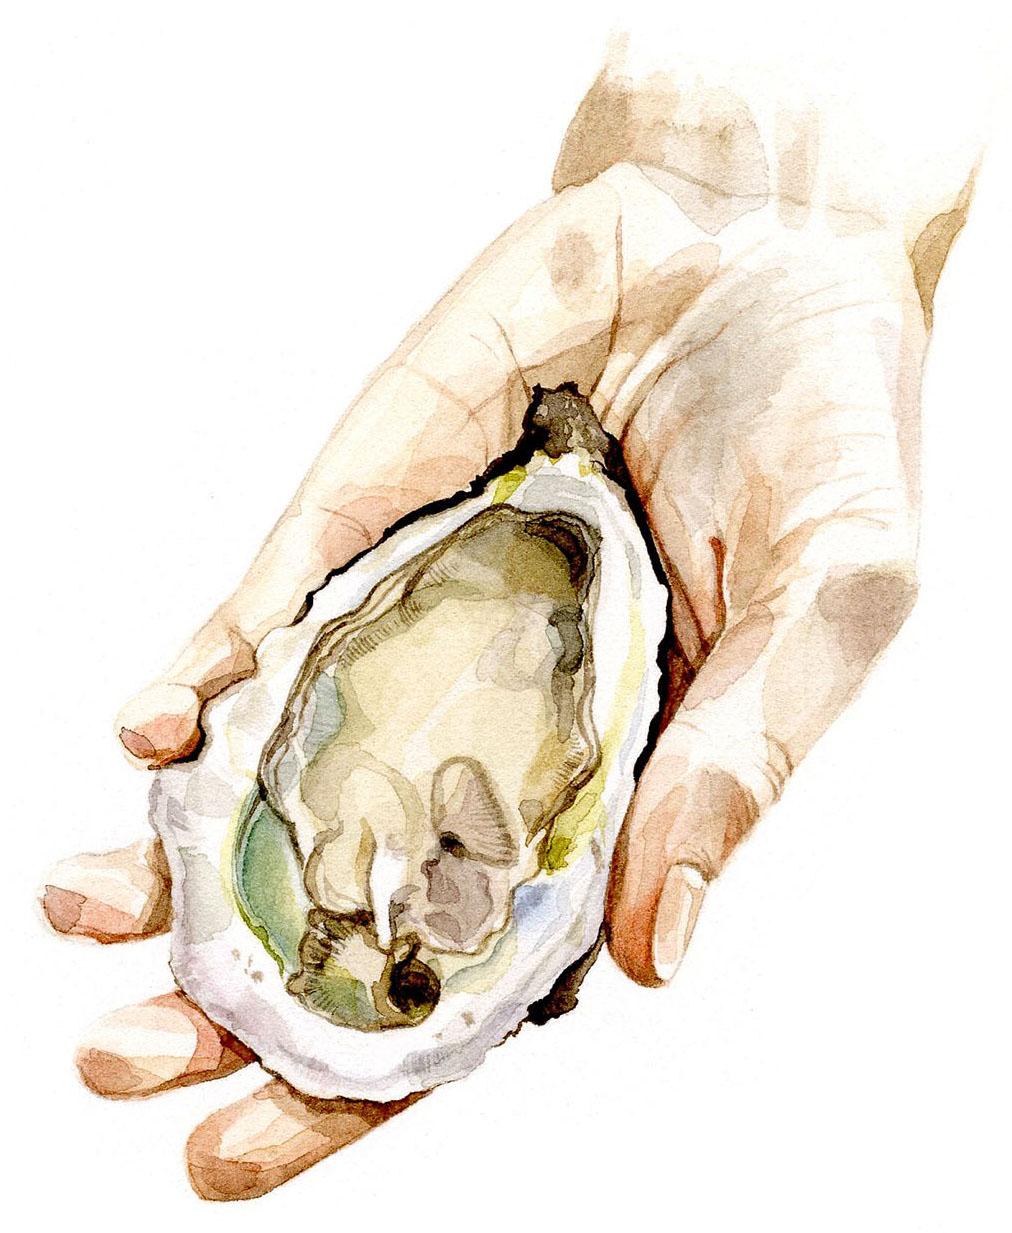 oyster-shuck.jpg